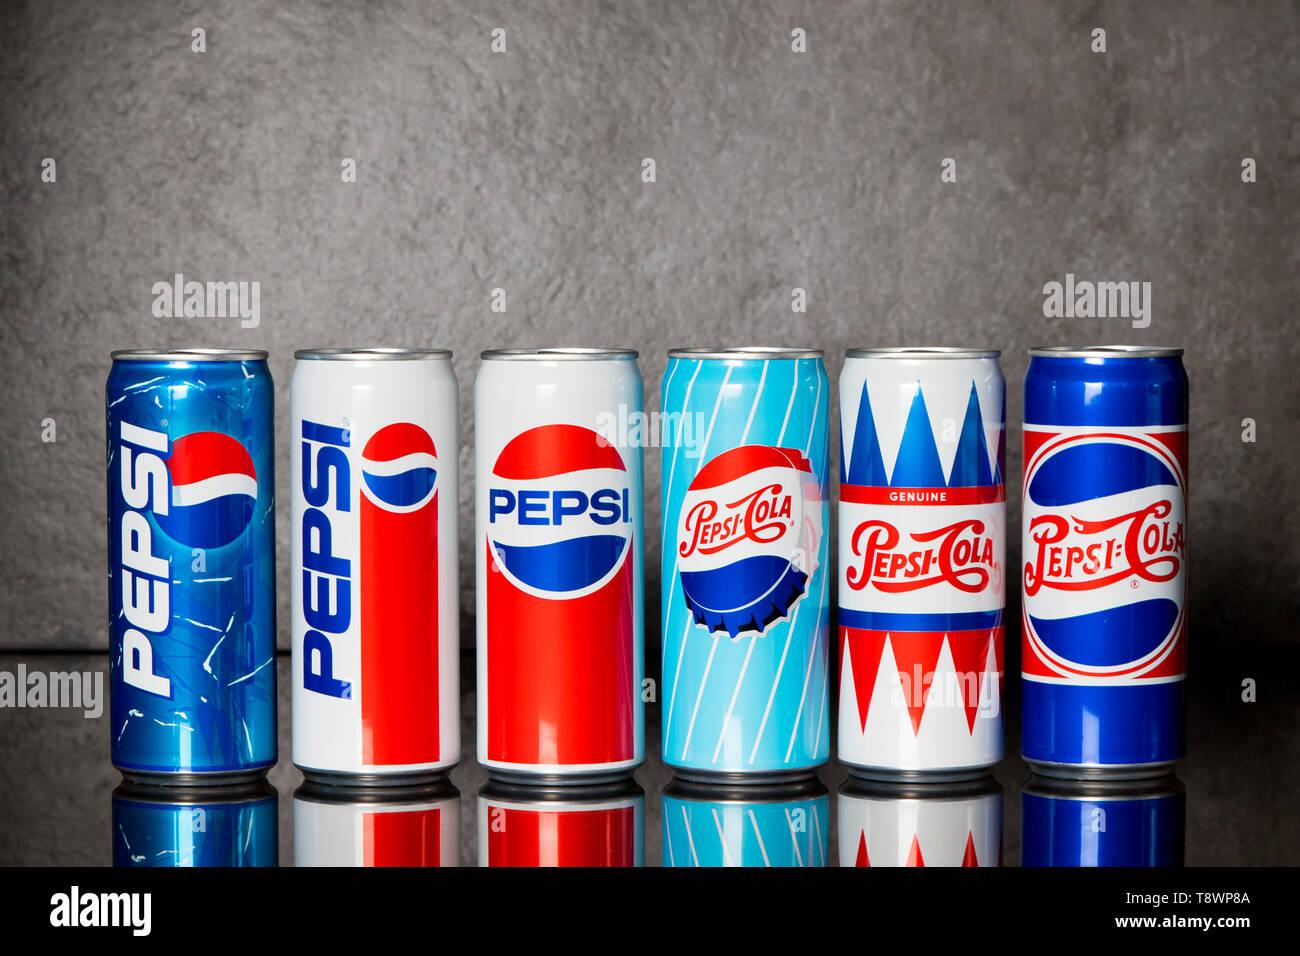 Pepsico Stock Photos & Pepsico Stock Images - Alamy